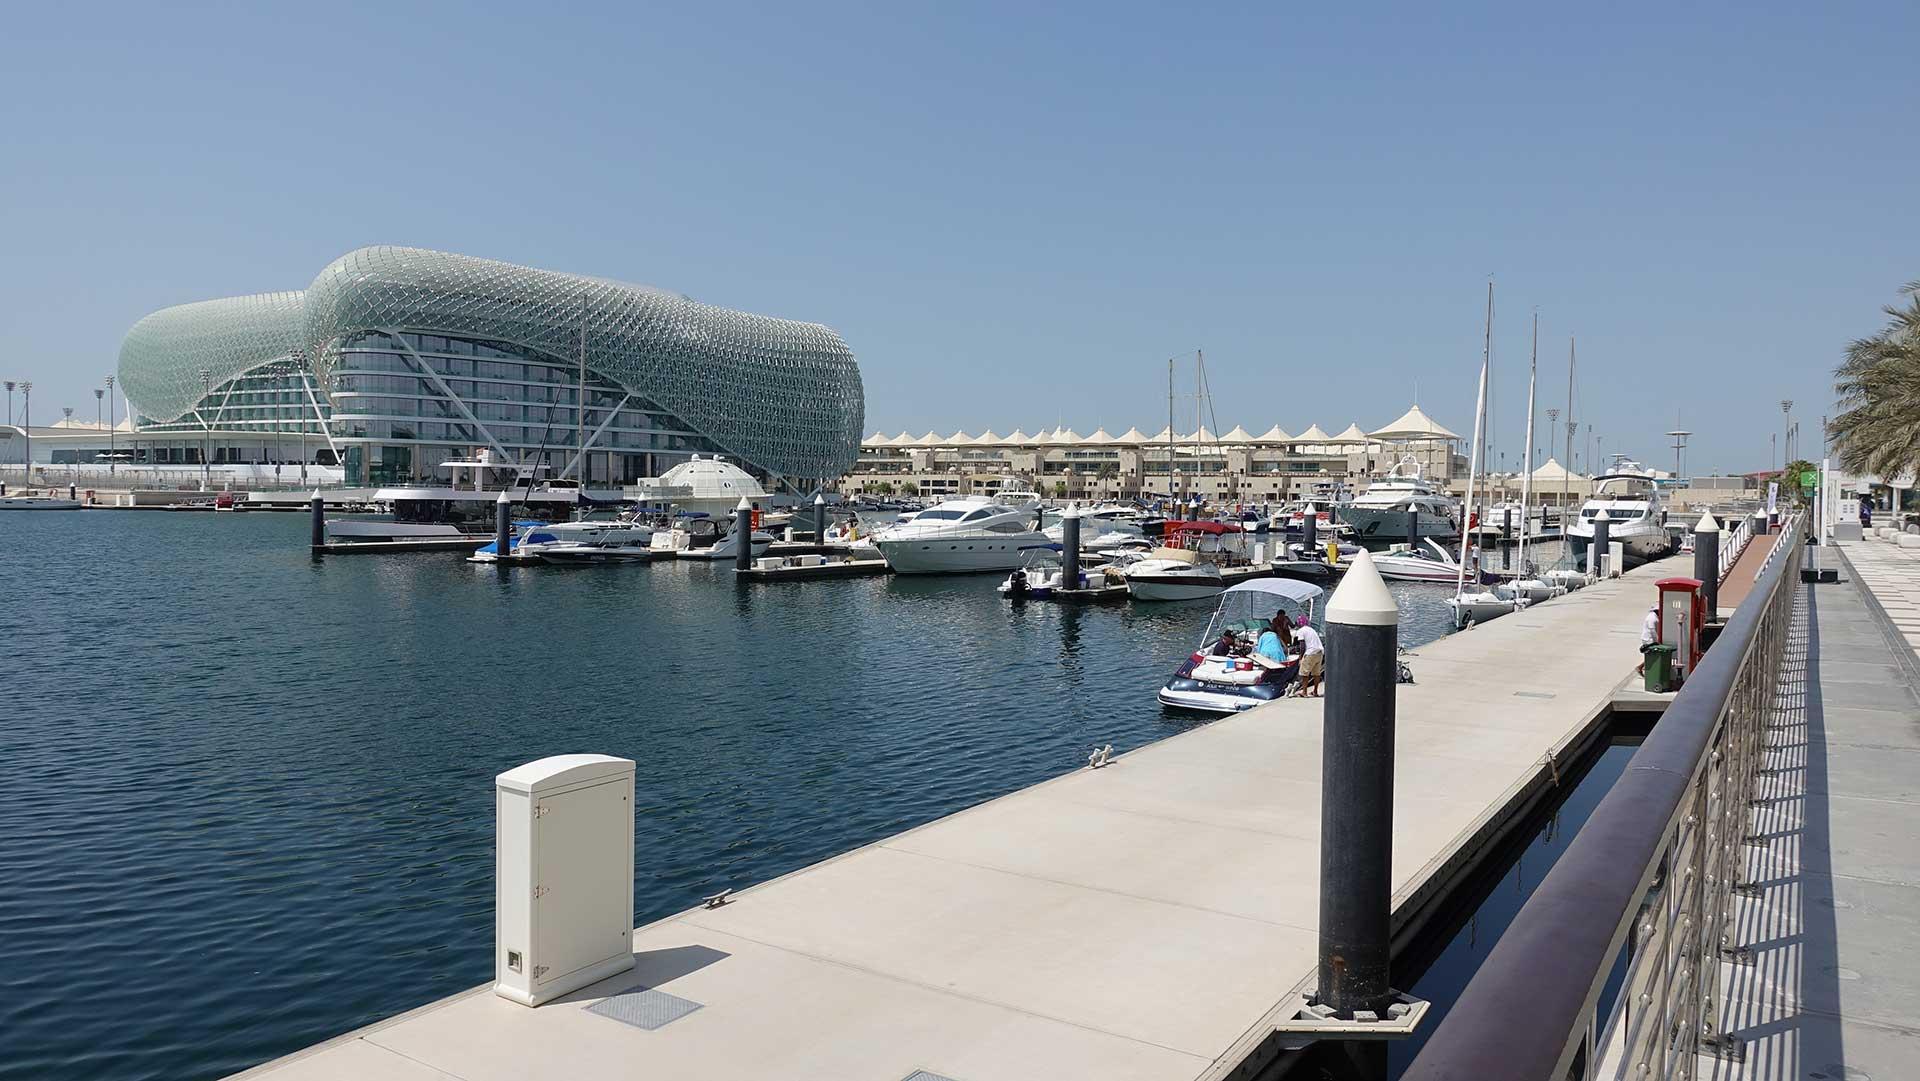 Stars N Bars - Abu Dhabi, UAE - Yas Marina